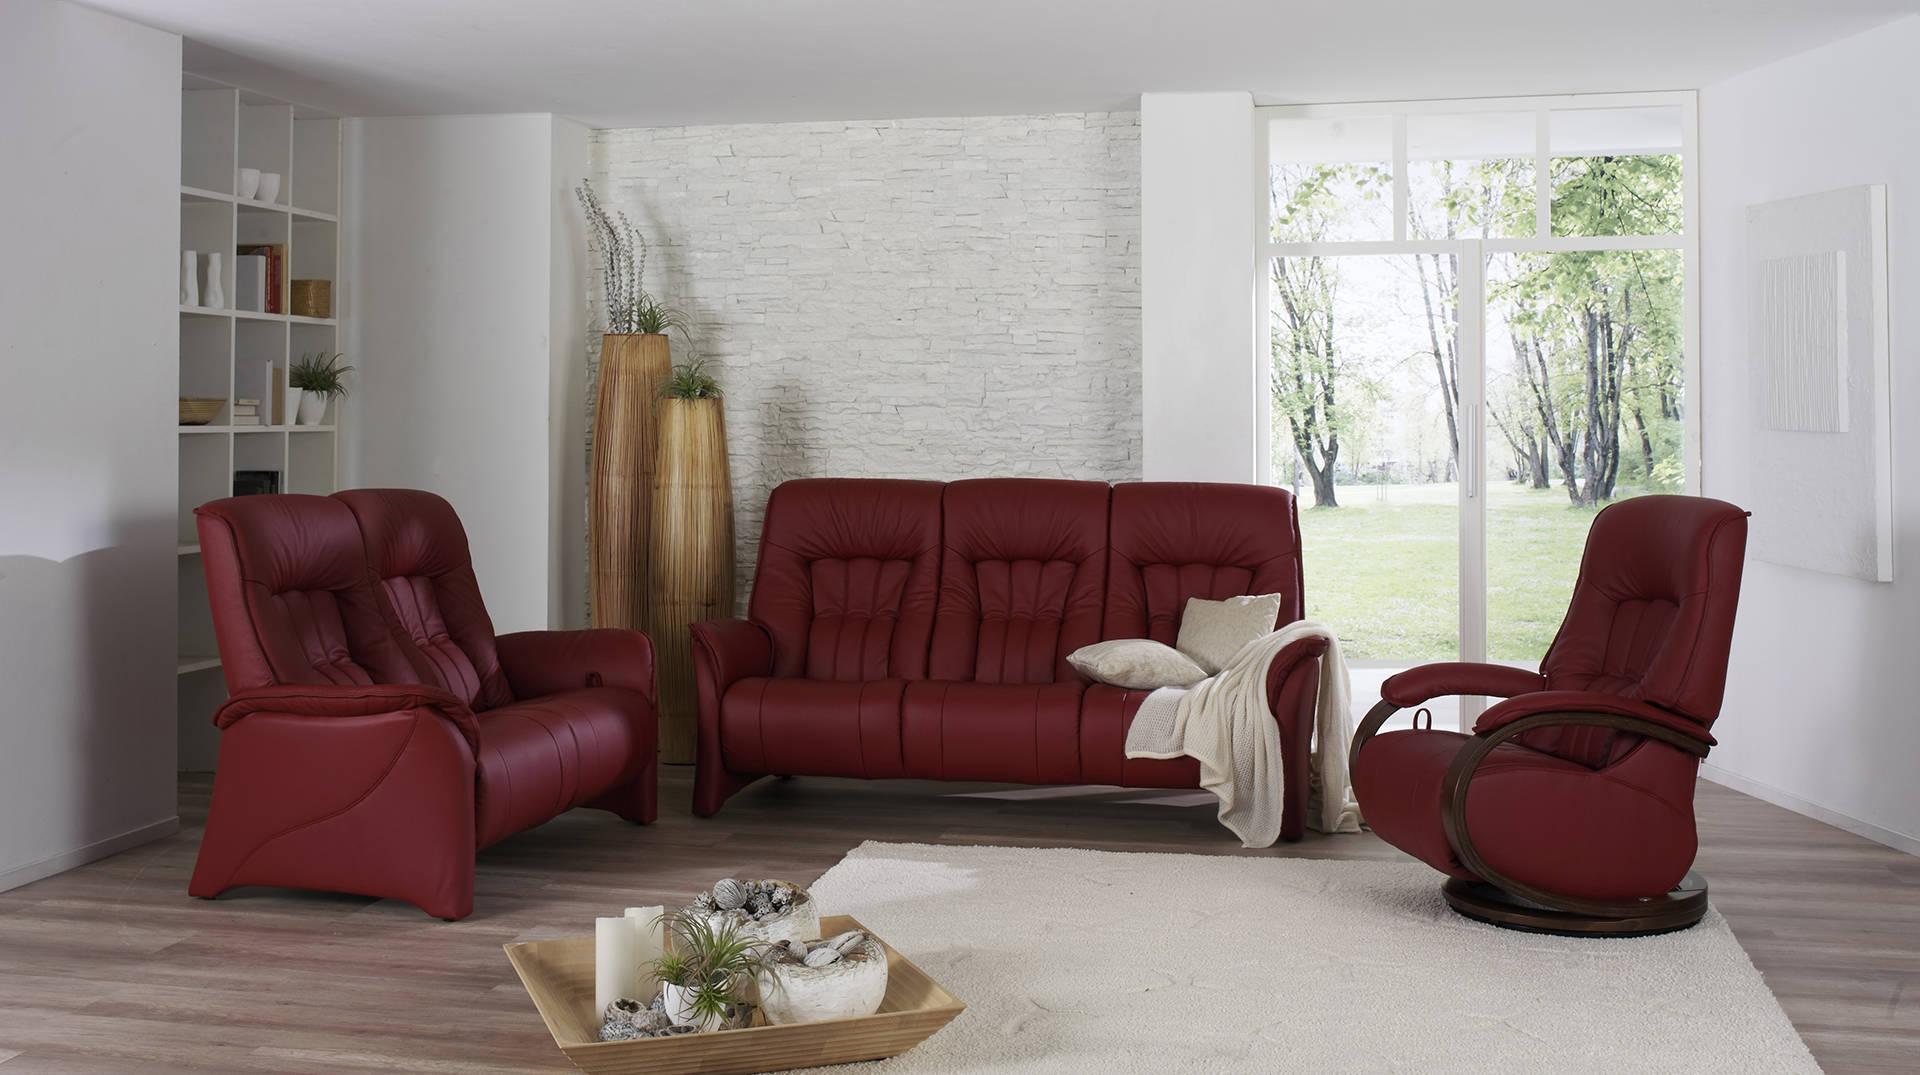 sofás color rojo